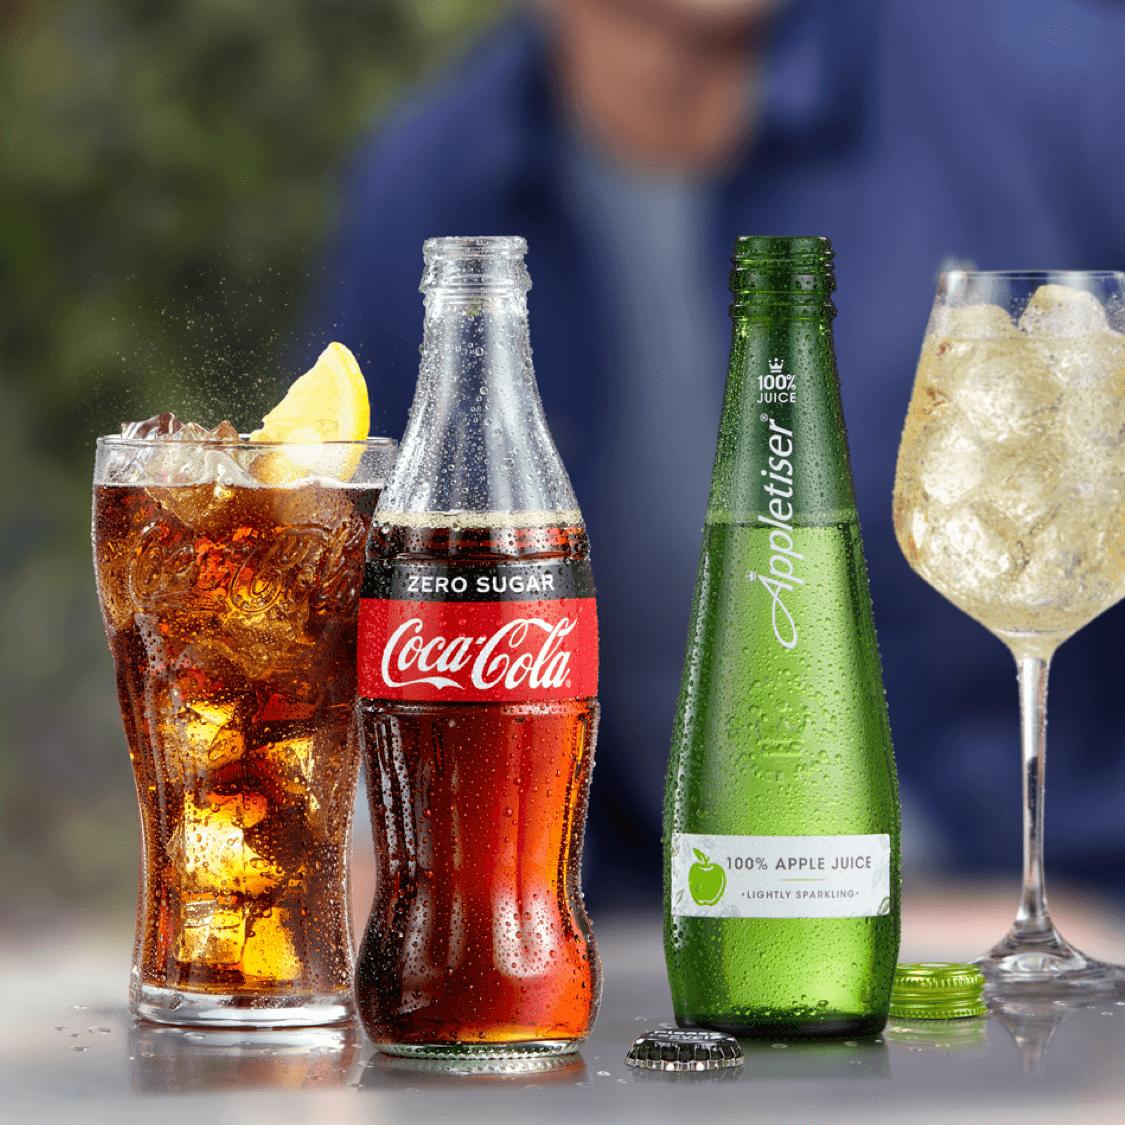 Cool Glasses of Coca-Cola Zero-Sugar and Appletizer